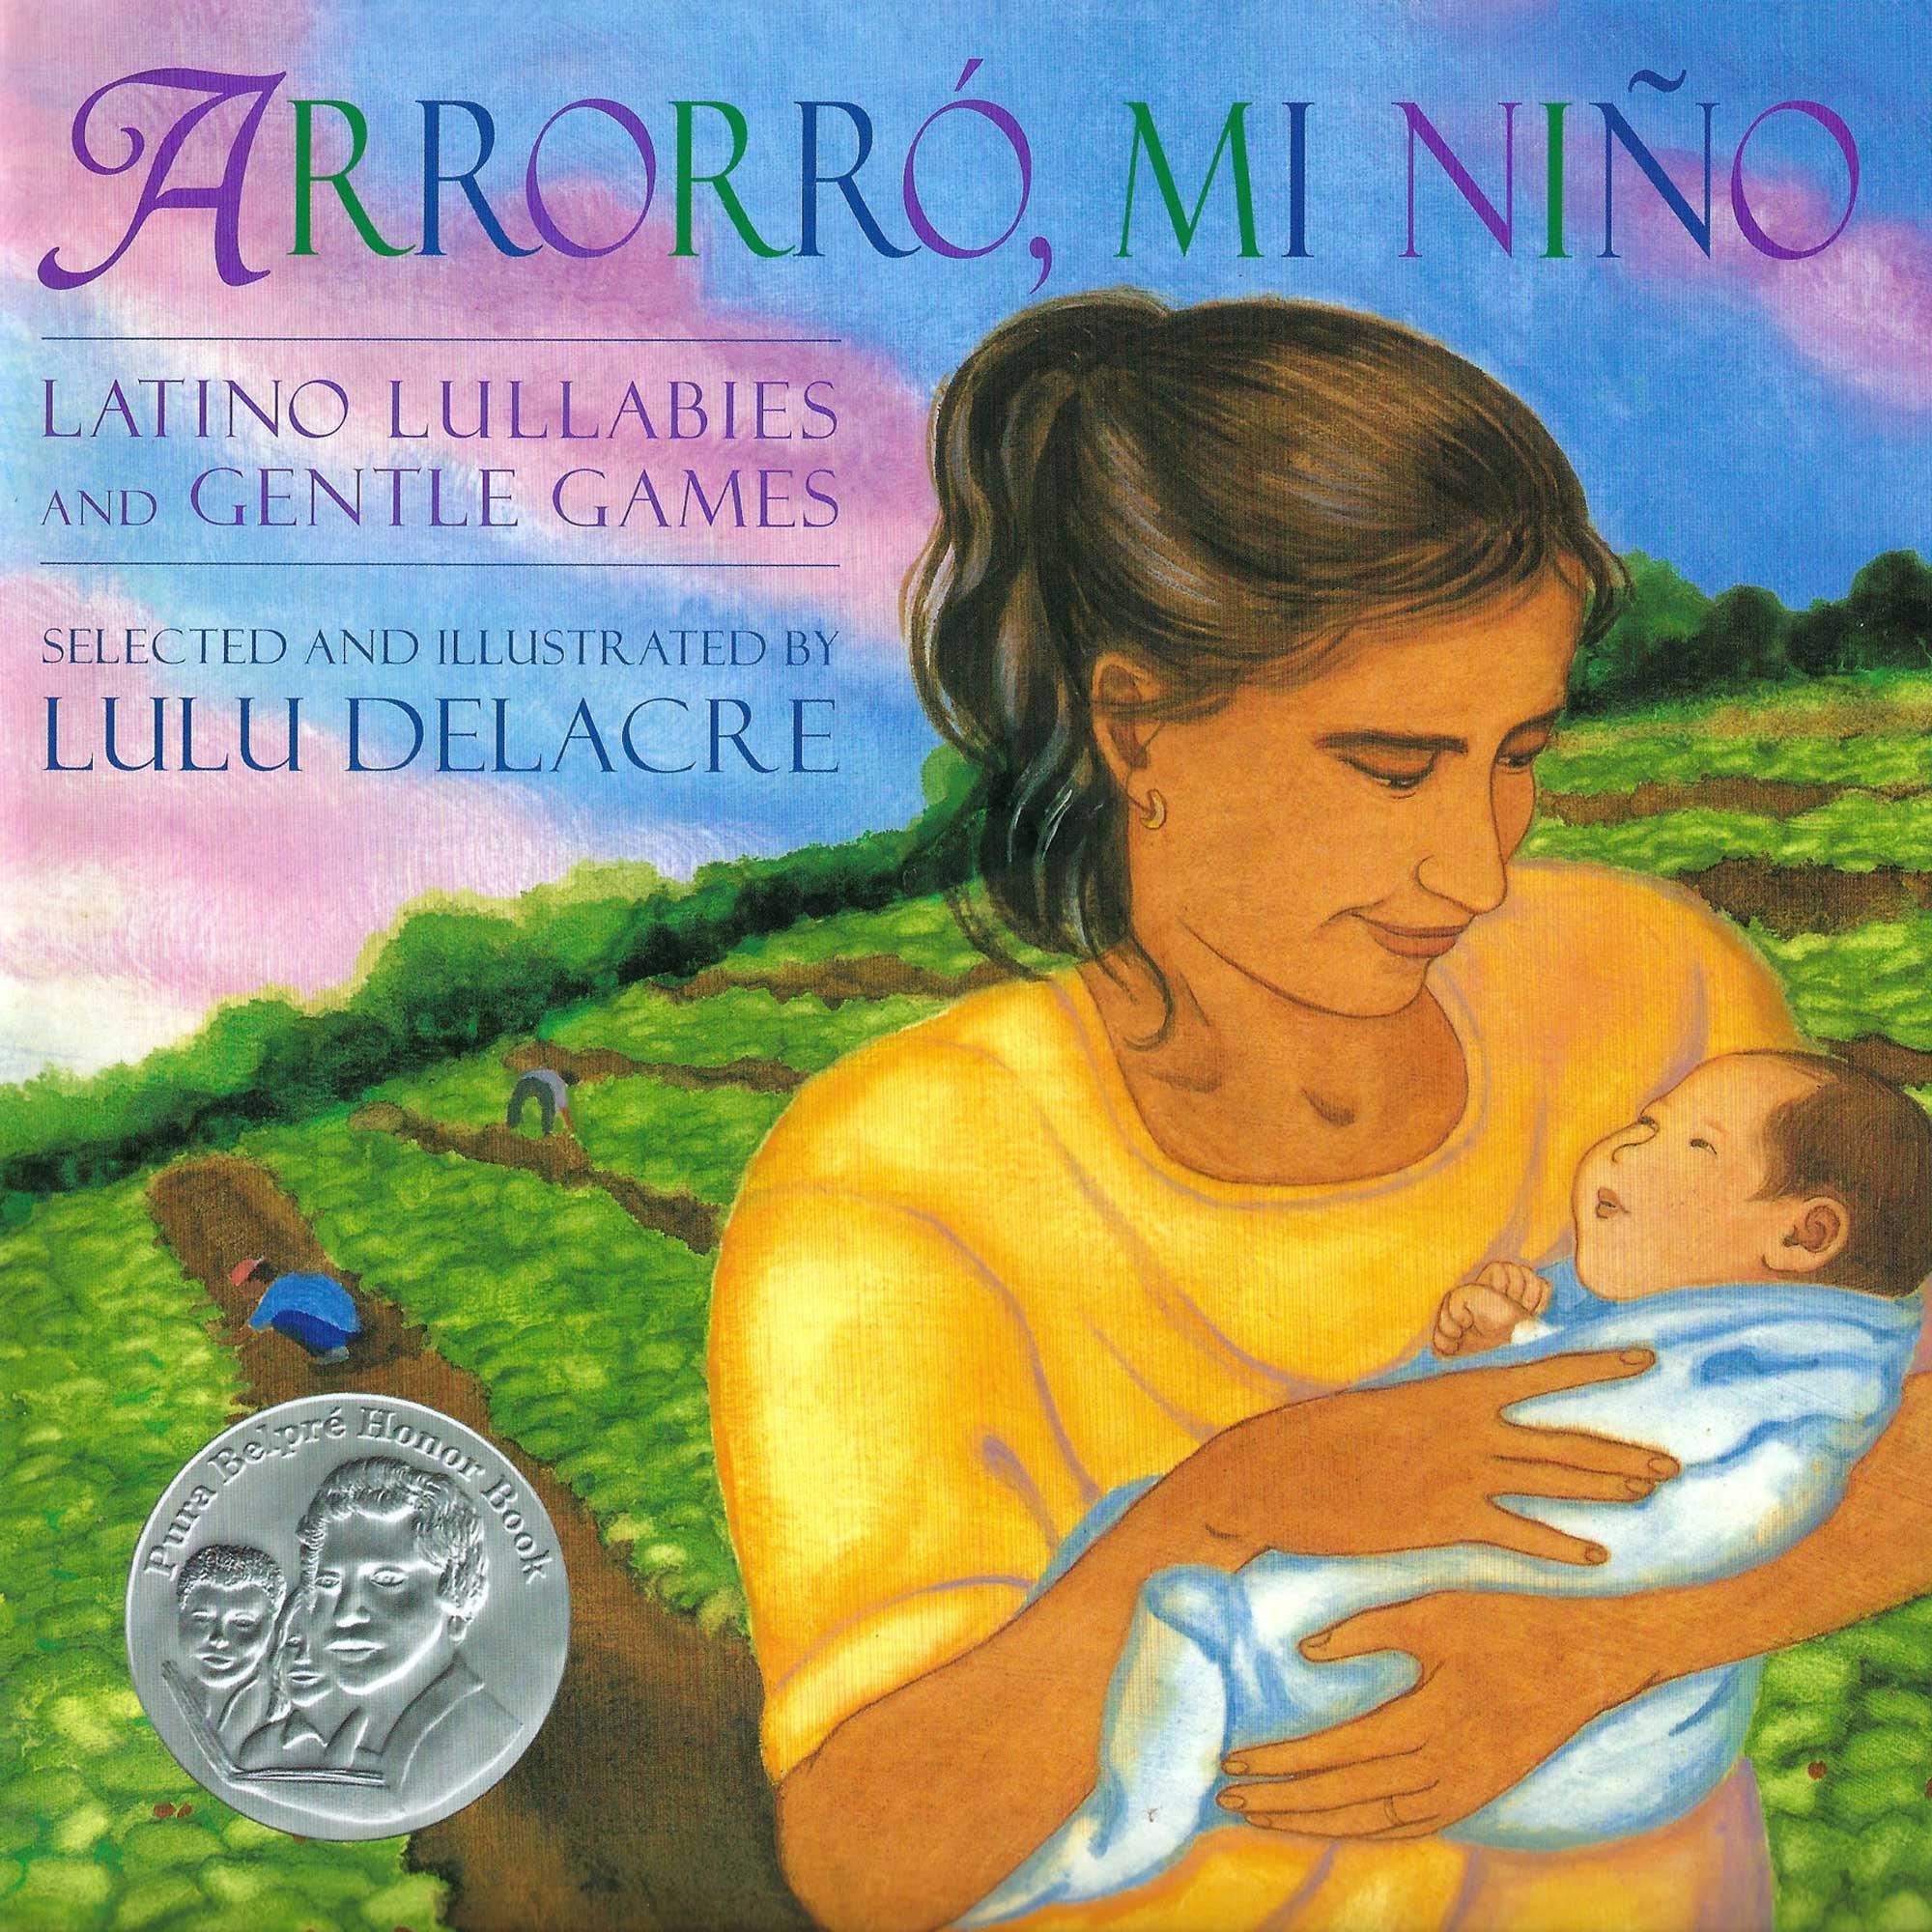 Arrorro mi nino by Lulu Delacre